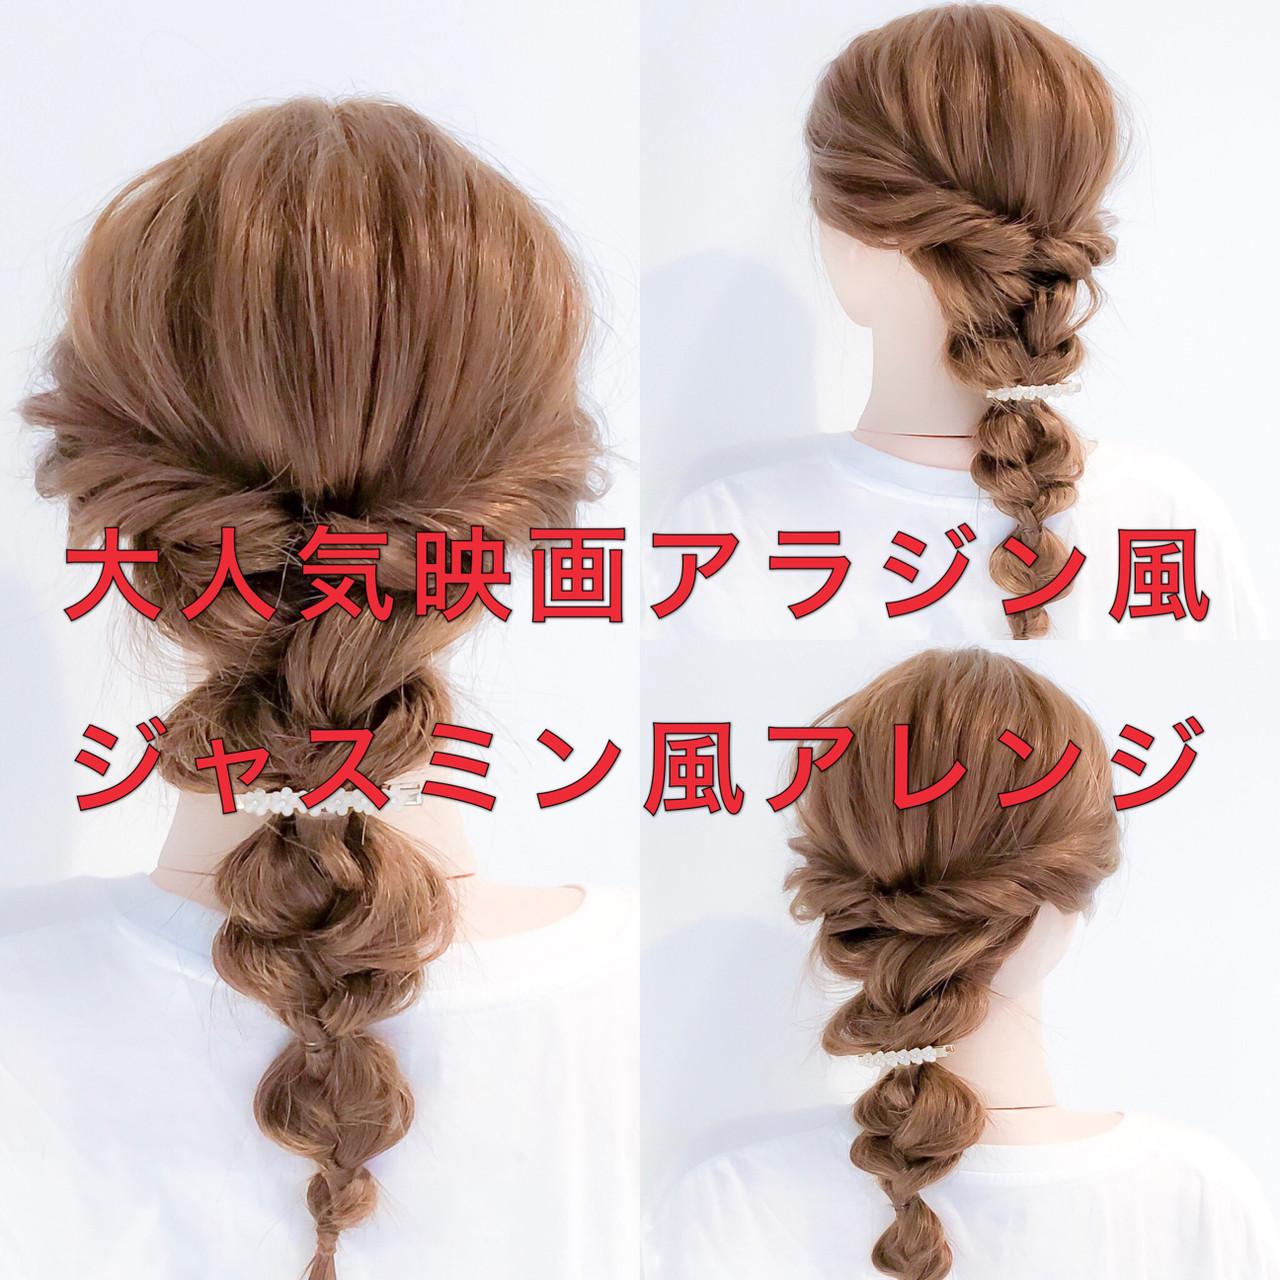 編み込み ロング フェミニン 簡単ヘアアレンジ ヘアスタイルや髪型の写真・画像 | 美容師HIRO/Amoute代表 / Amoute/アムティ